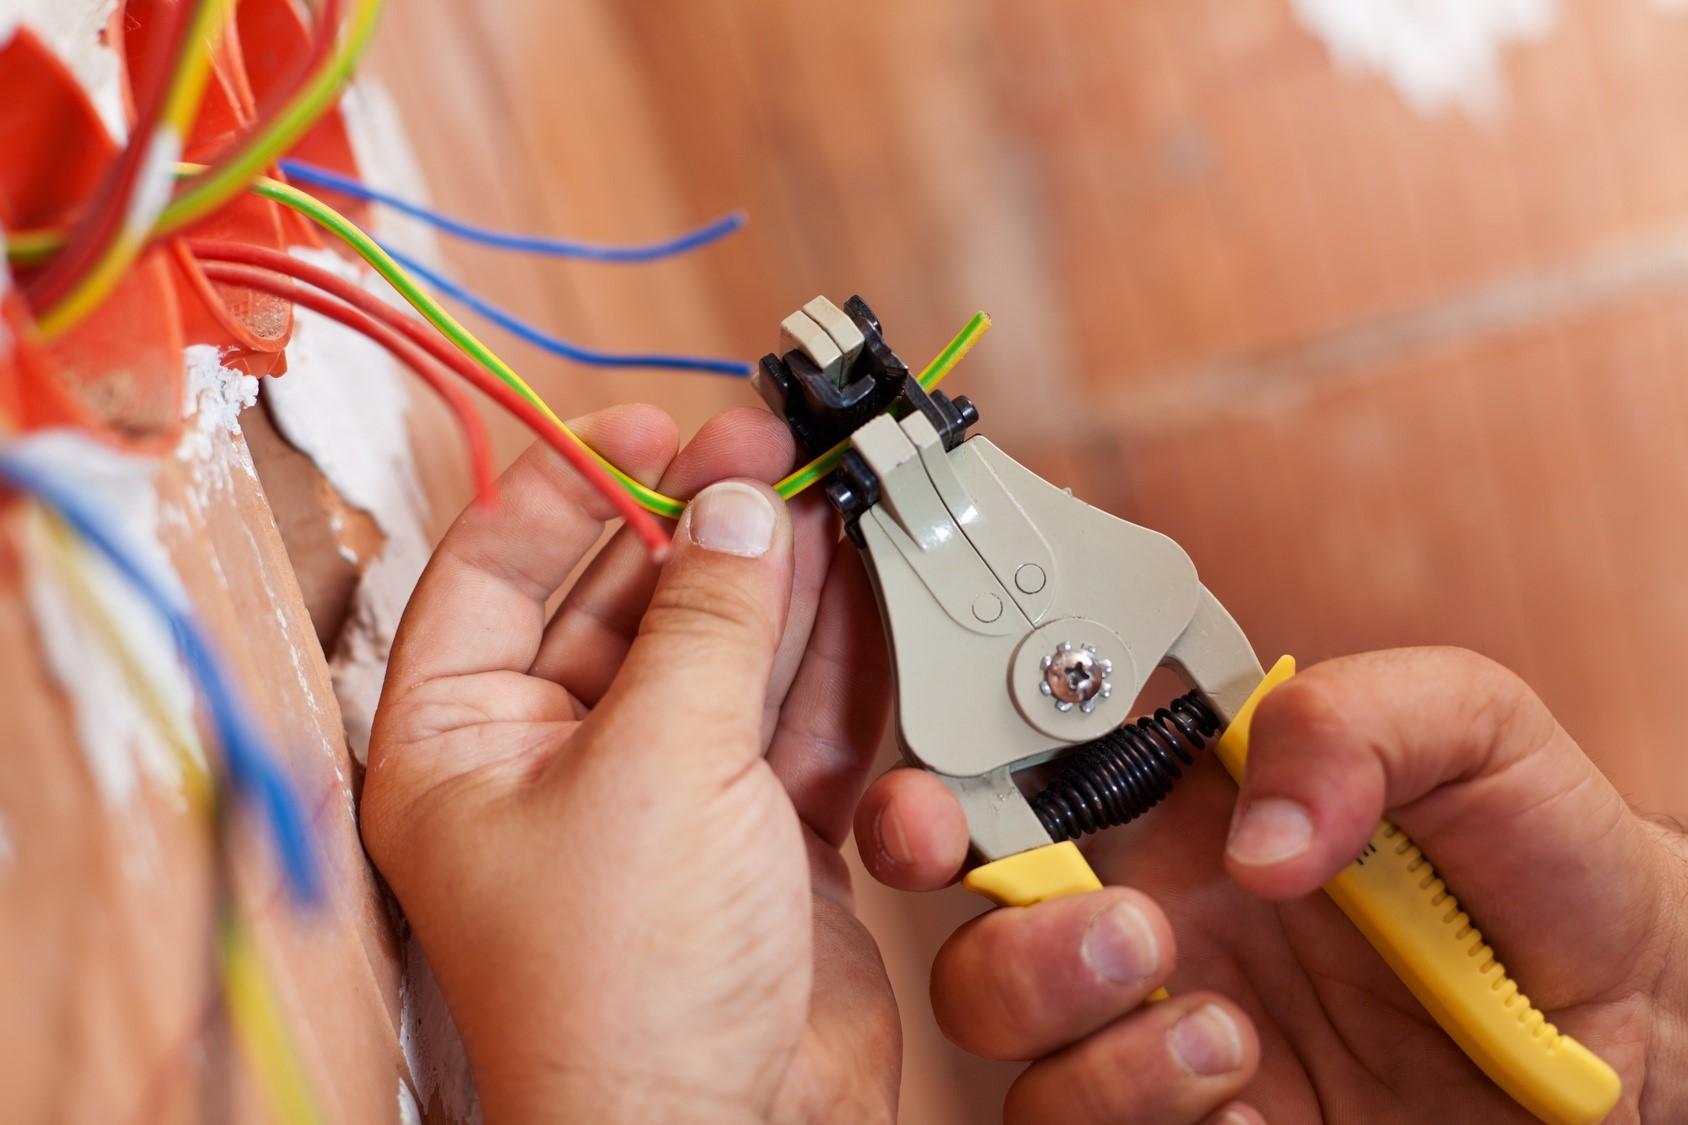 Необходимость замены старой электропроводки в квартире